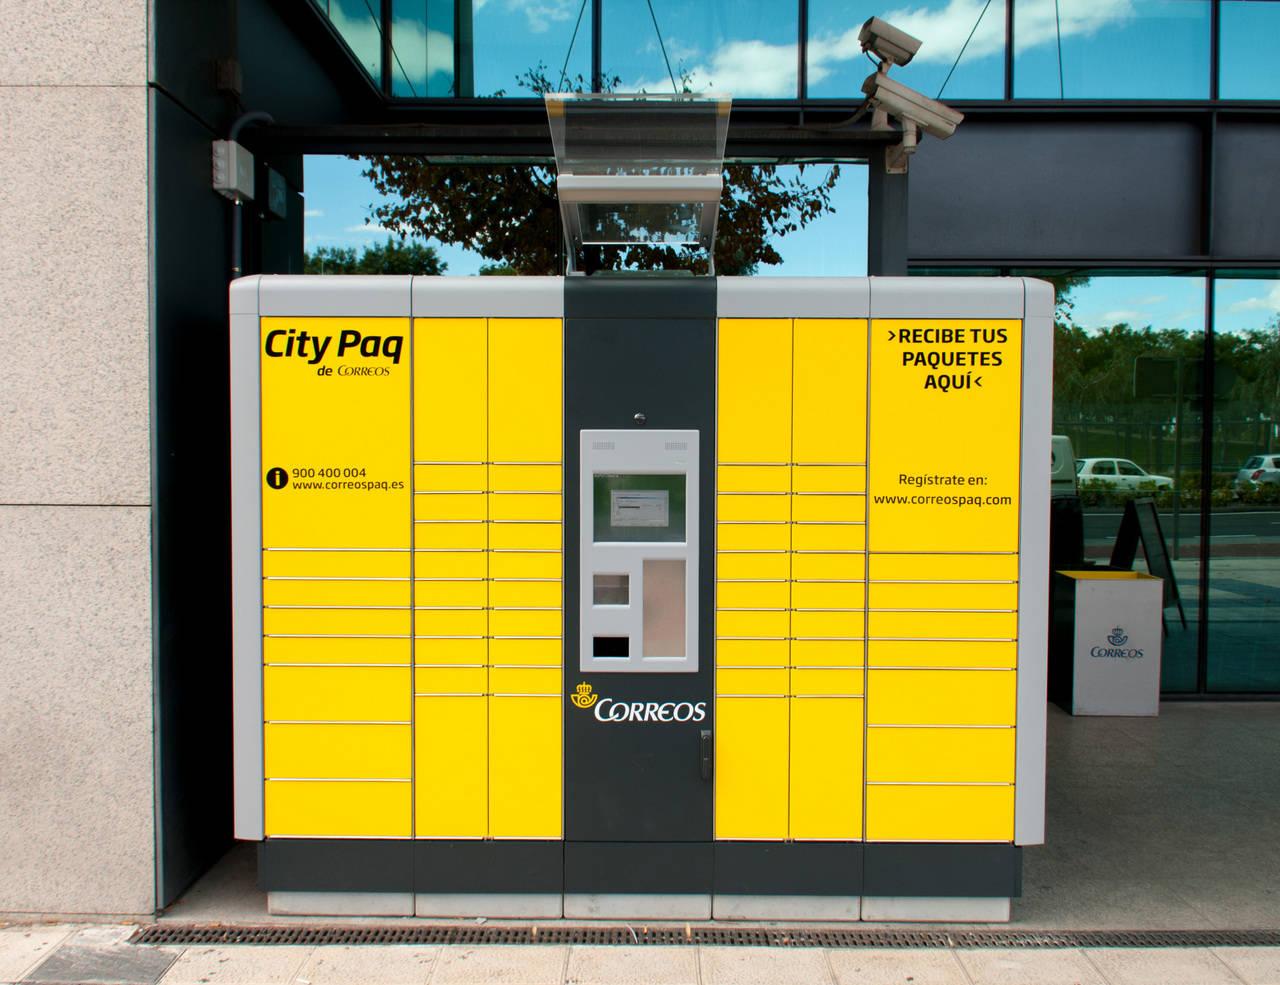 Correos instala citypaq en empark pionero de parkings en espa a nexotrans - Horario oficina correos madrid ...